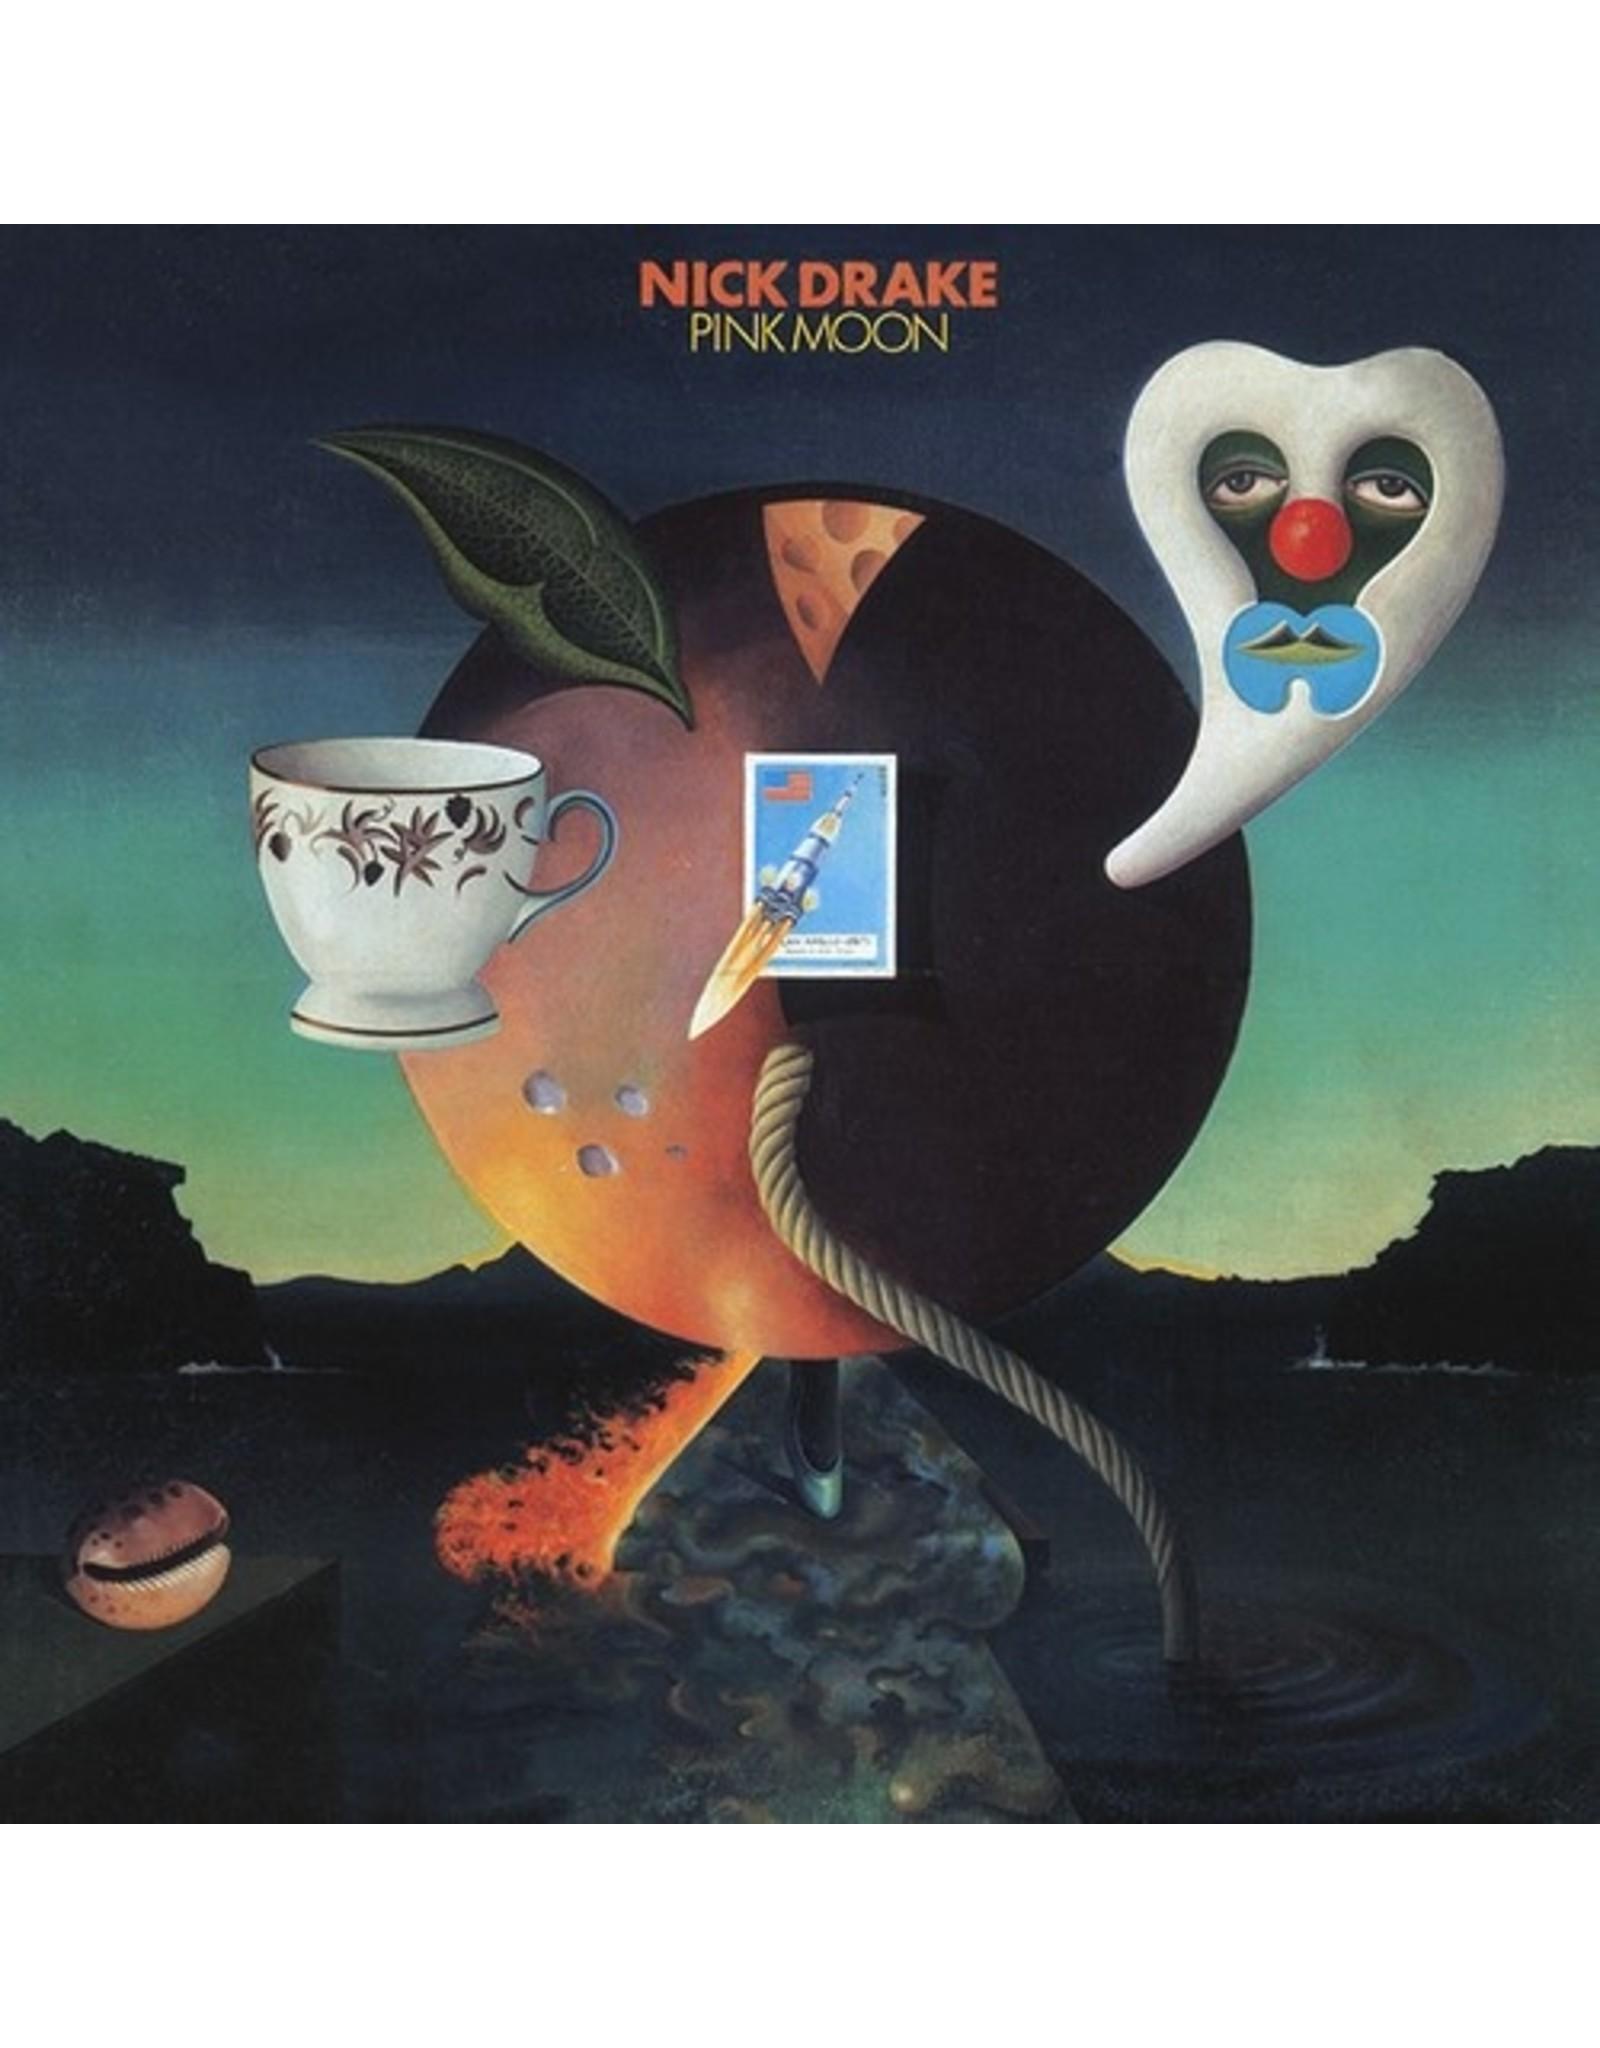 New Vinyl Nick Drake - Pink Moon LP